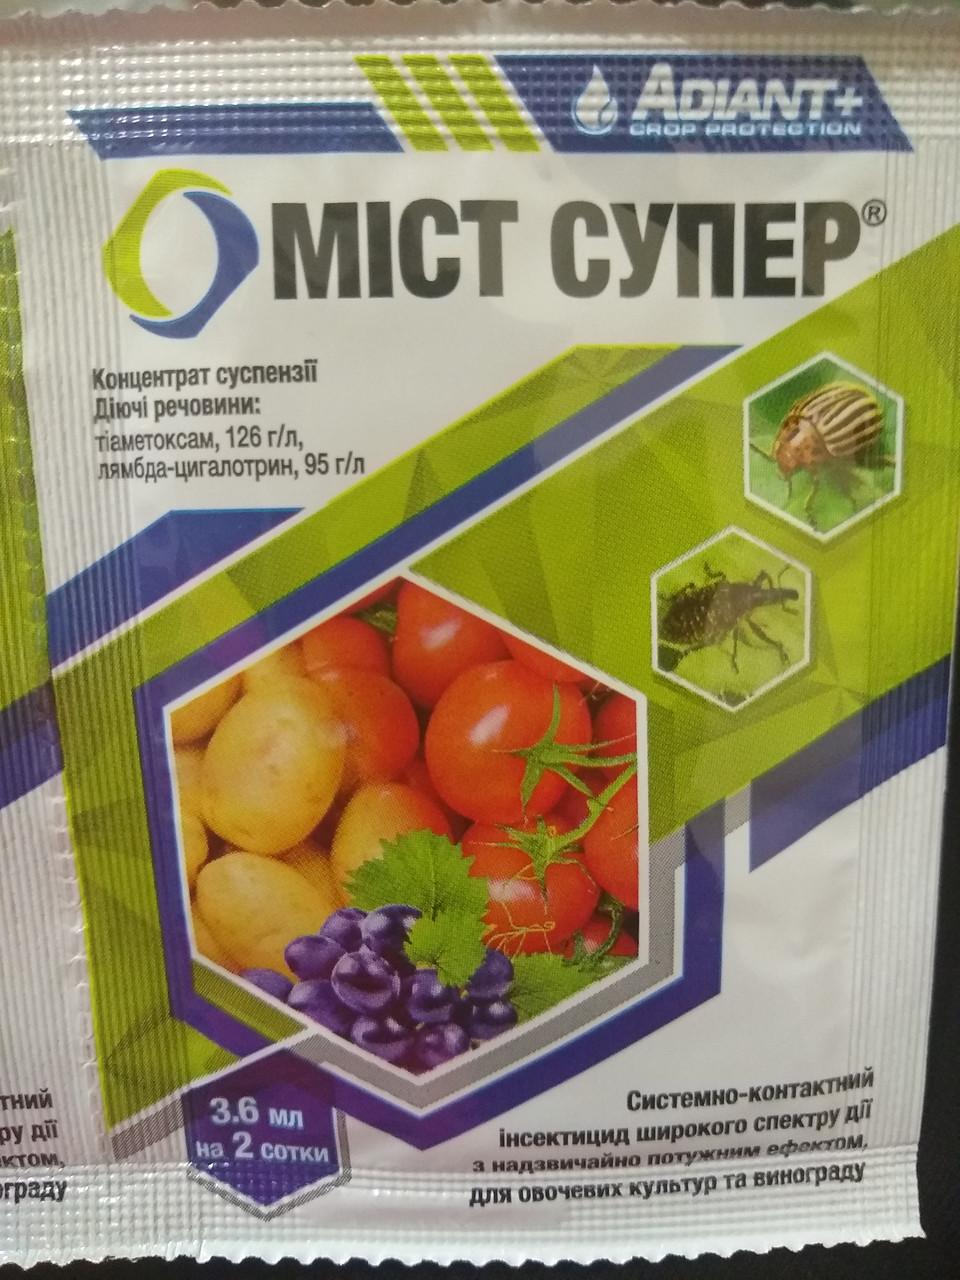 Системно-контактный инсектицид для овощных культур и винограда Мист супер 3,6 мл на 8 литров Адиант Украина